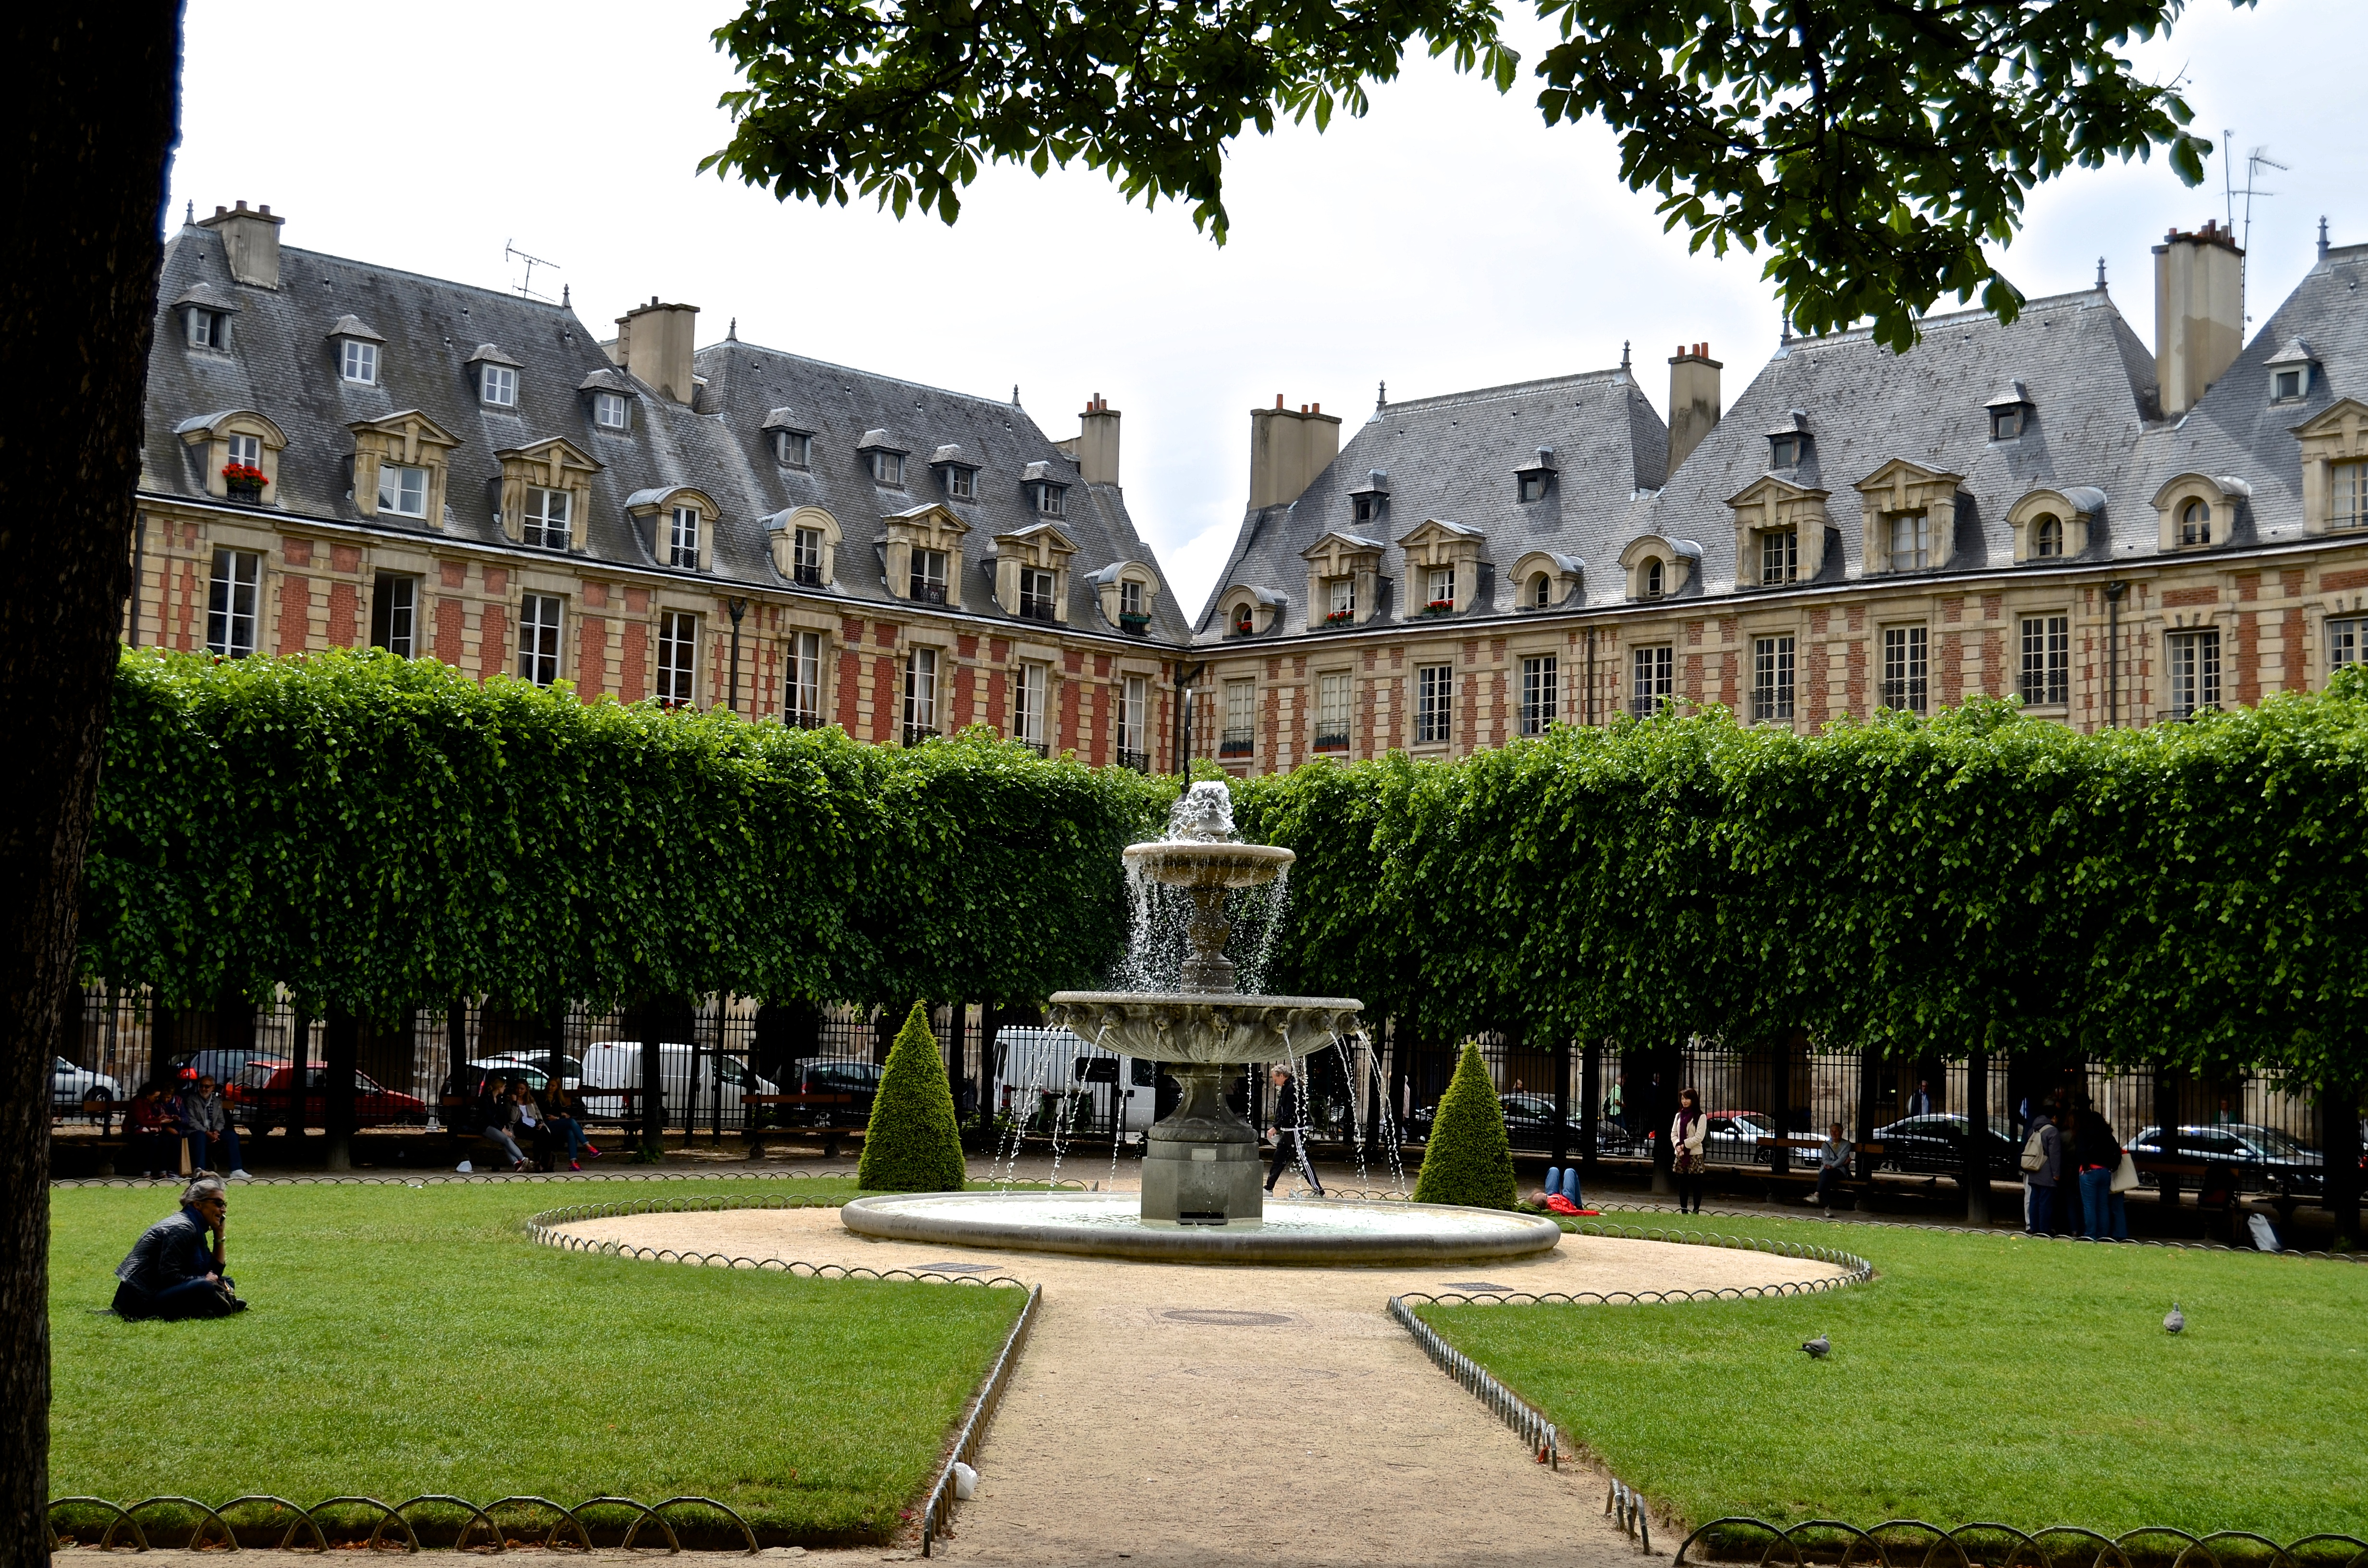 File place des vosges 2 paris 23 may wikimedia - Comptoir des cotonniers place des vosges ...